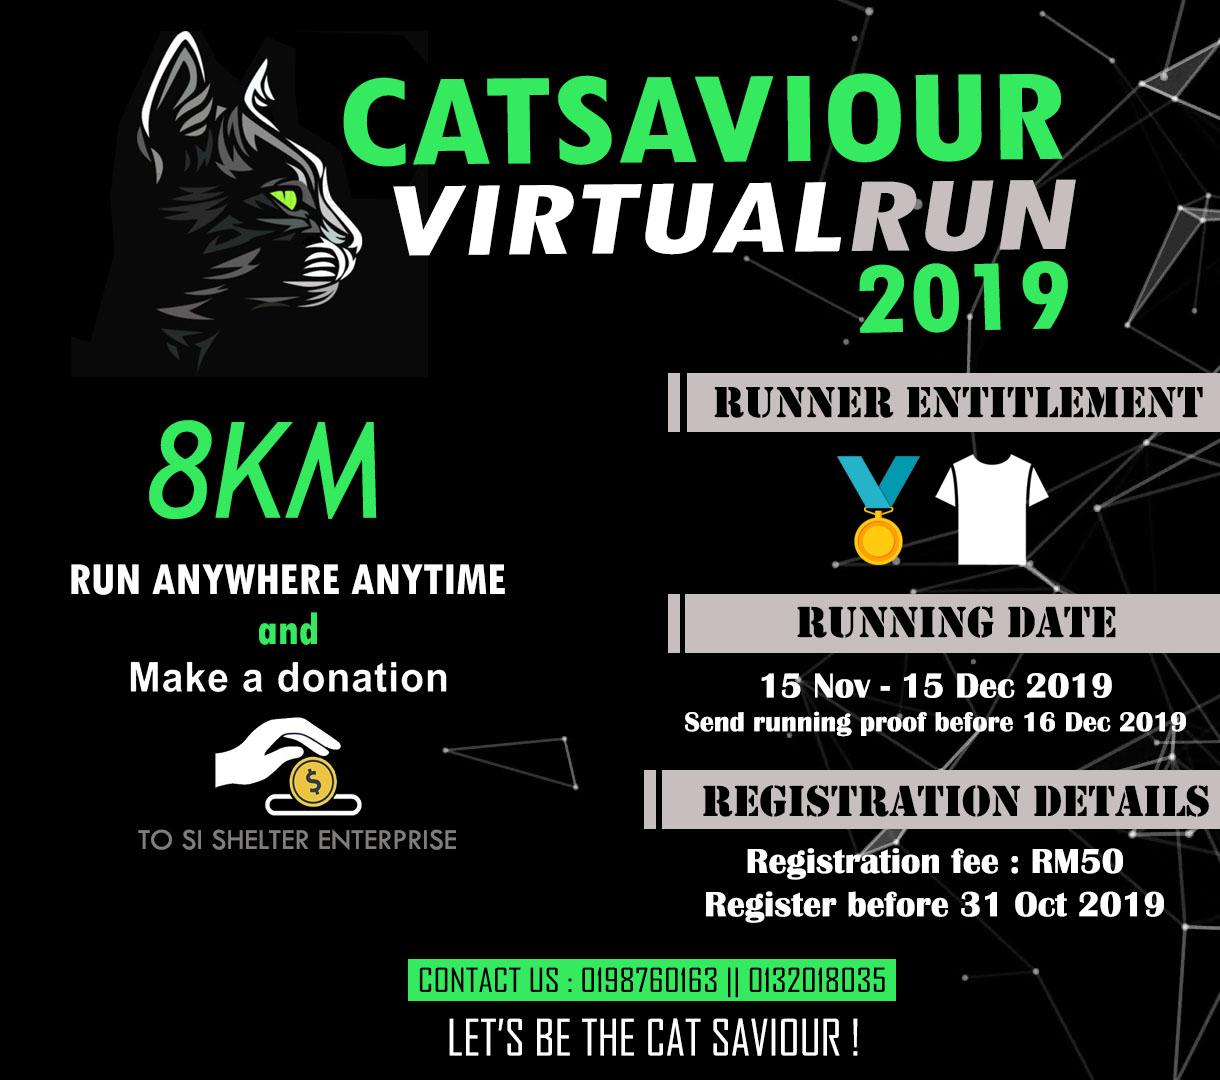 Logo of Catsaviour Virtual Run 2019